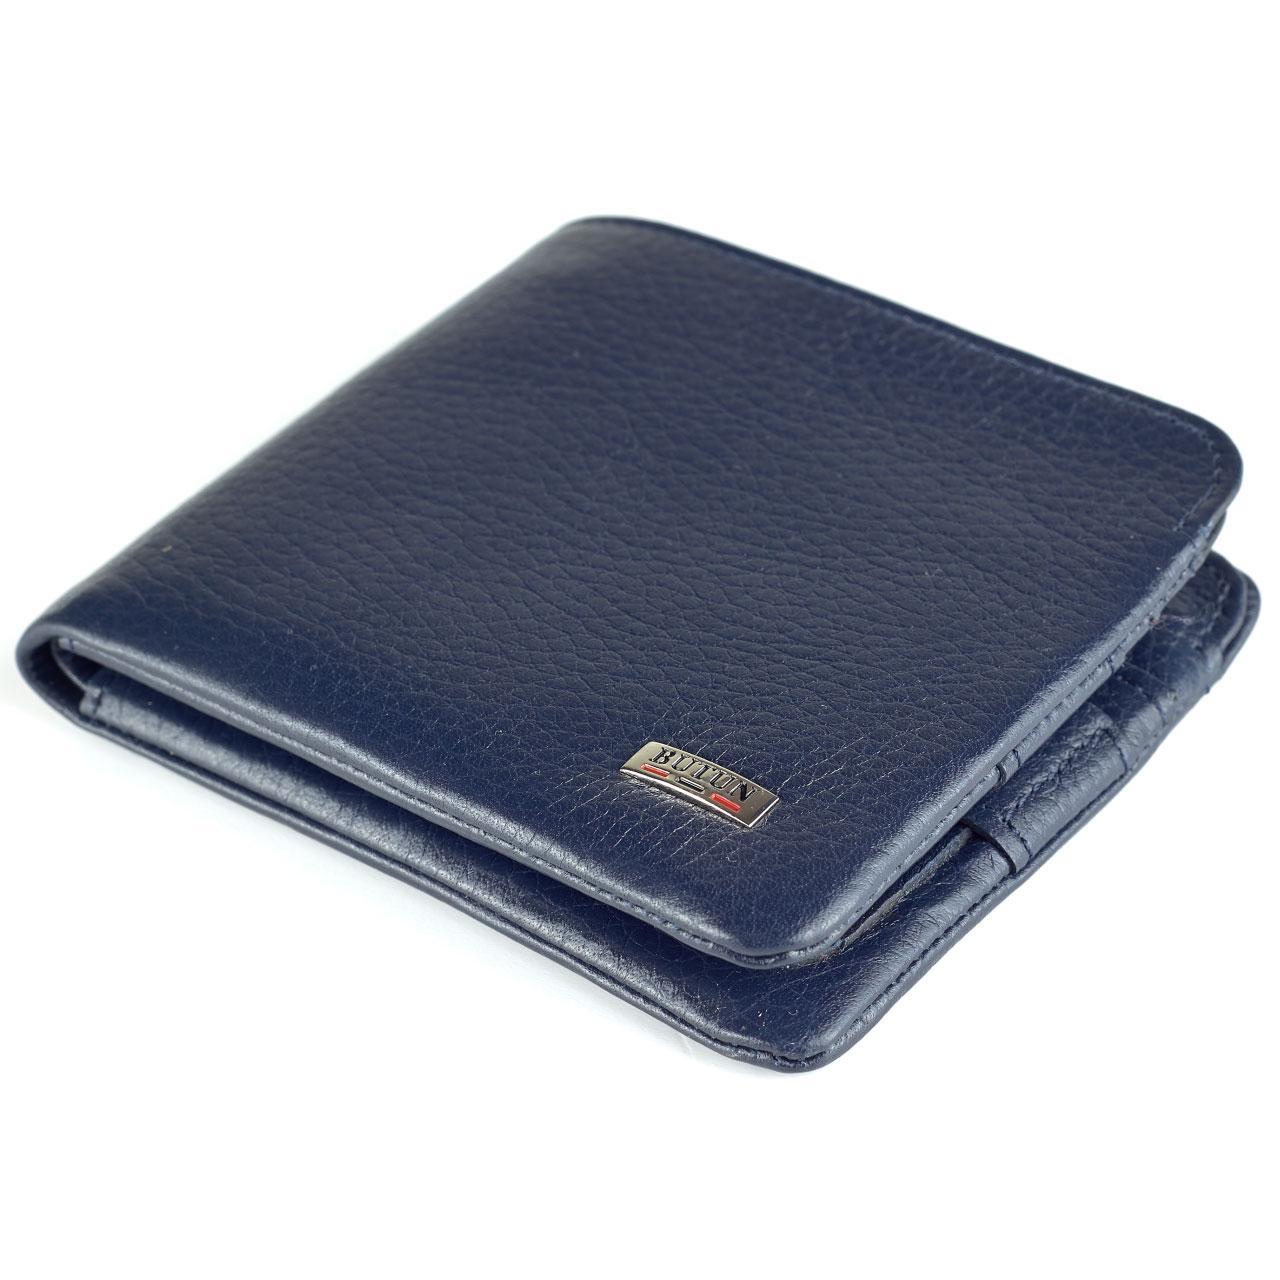 Мужской кошелек BUTUN 236-004-034 кожаный синий